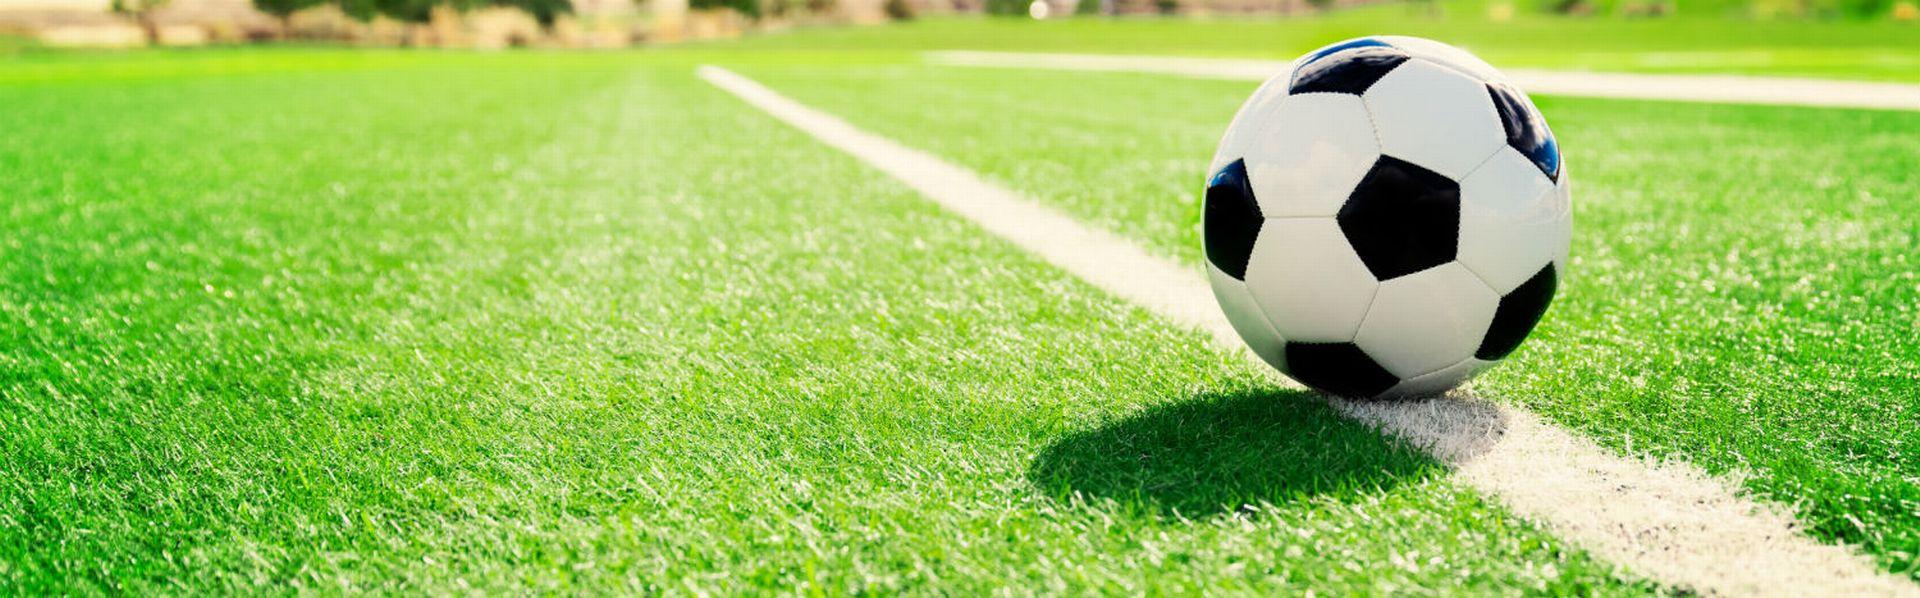 Le dossier sur le Football Romand de RTS Découverte [© Mariusz Blach - Fotolia]